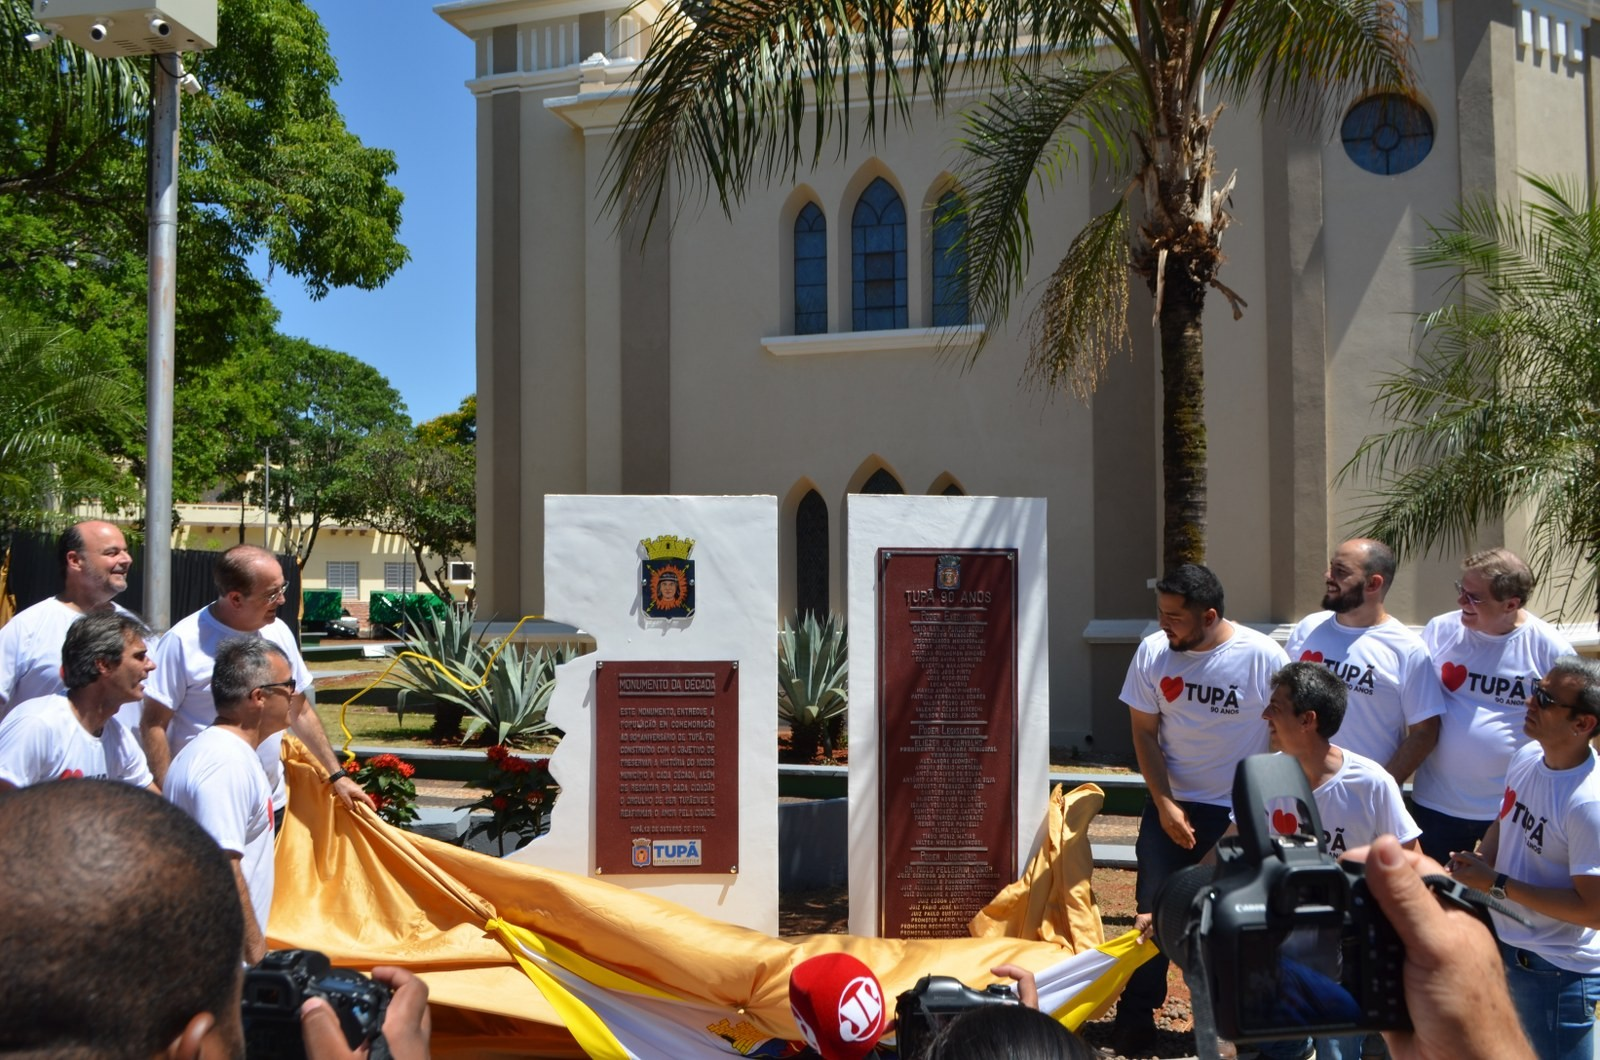 Inaugurações de monumentos reúnem centenas de pessoas em Tupã - Notícias - Plantão Diário